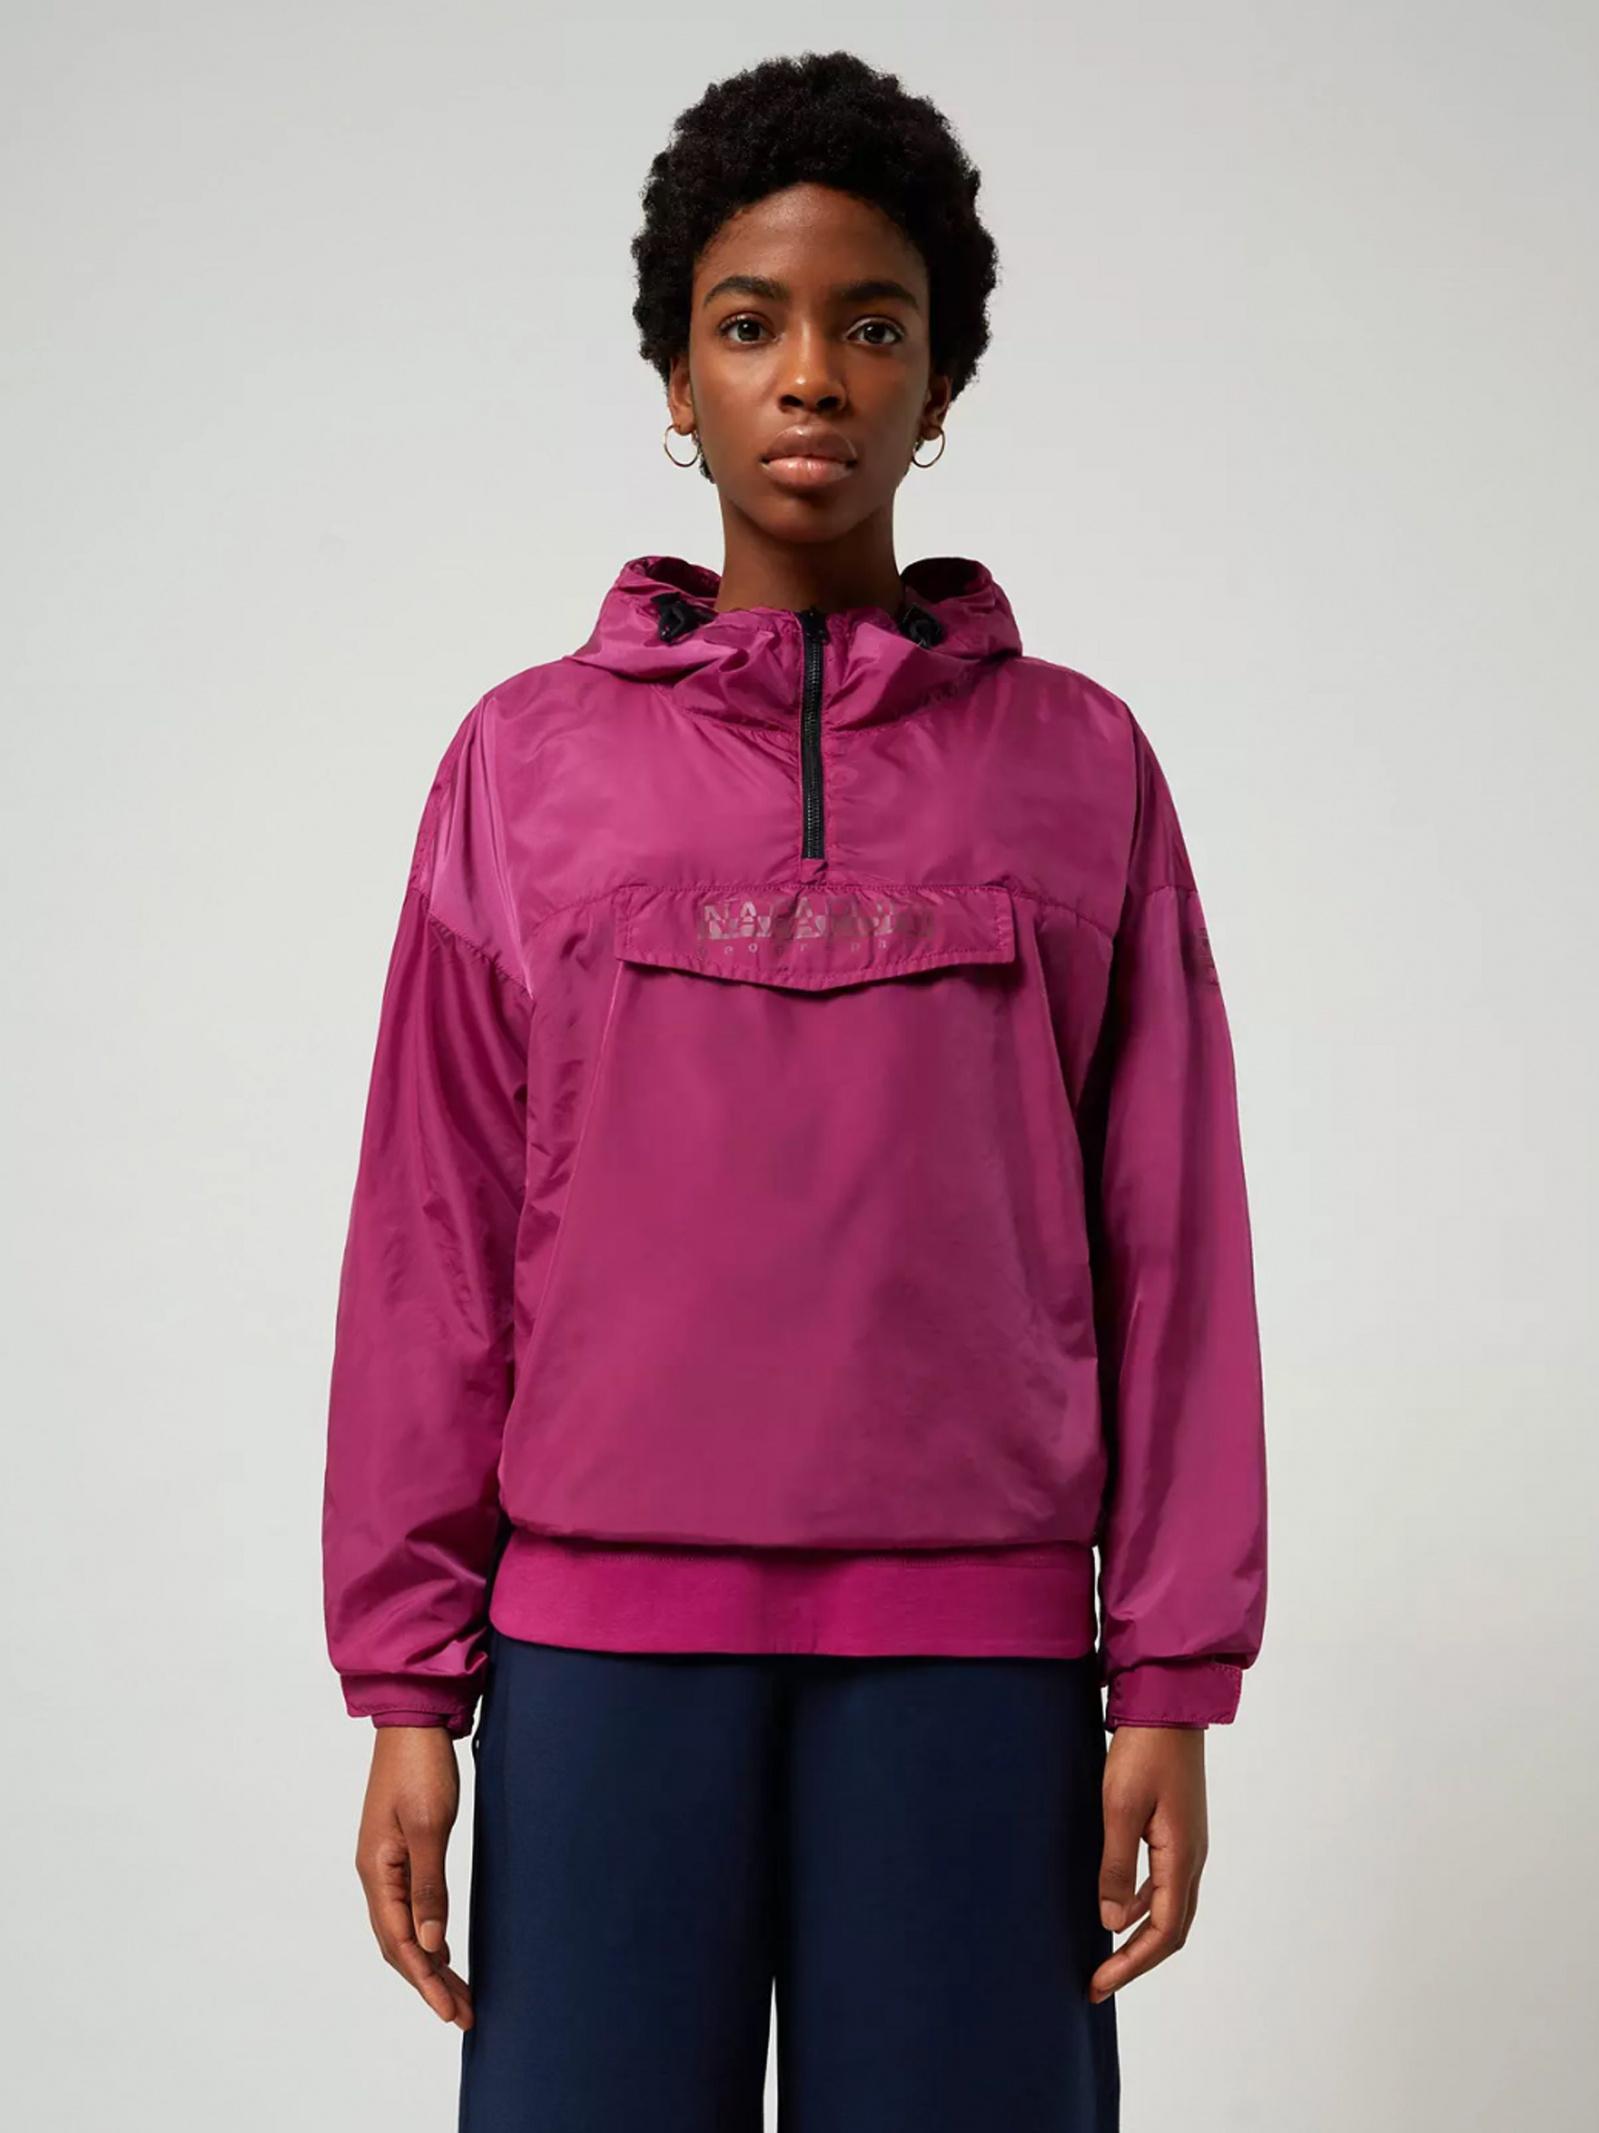 Napapijri Куртка жіночі модель NP0A4E8YV021 відгуки, 2017